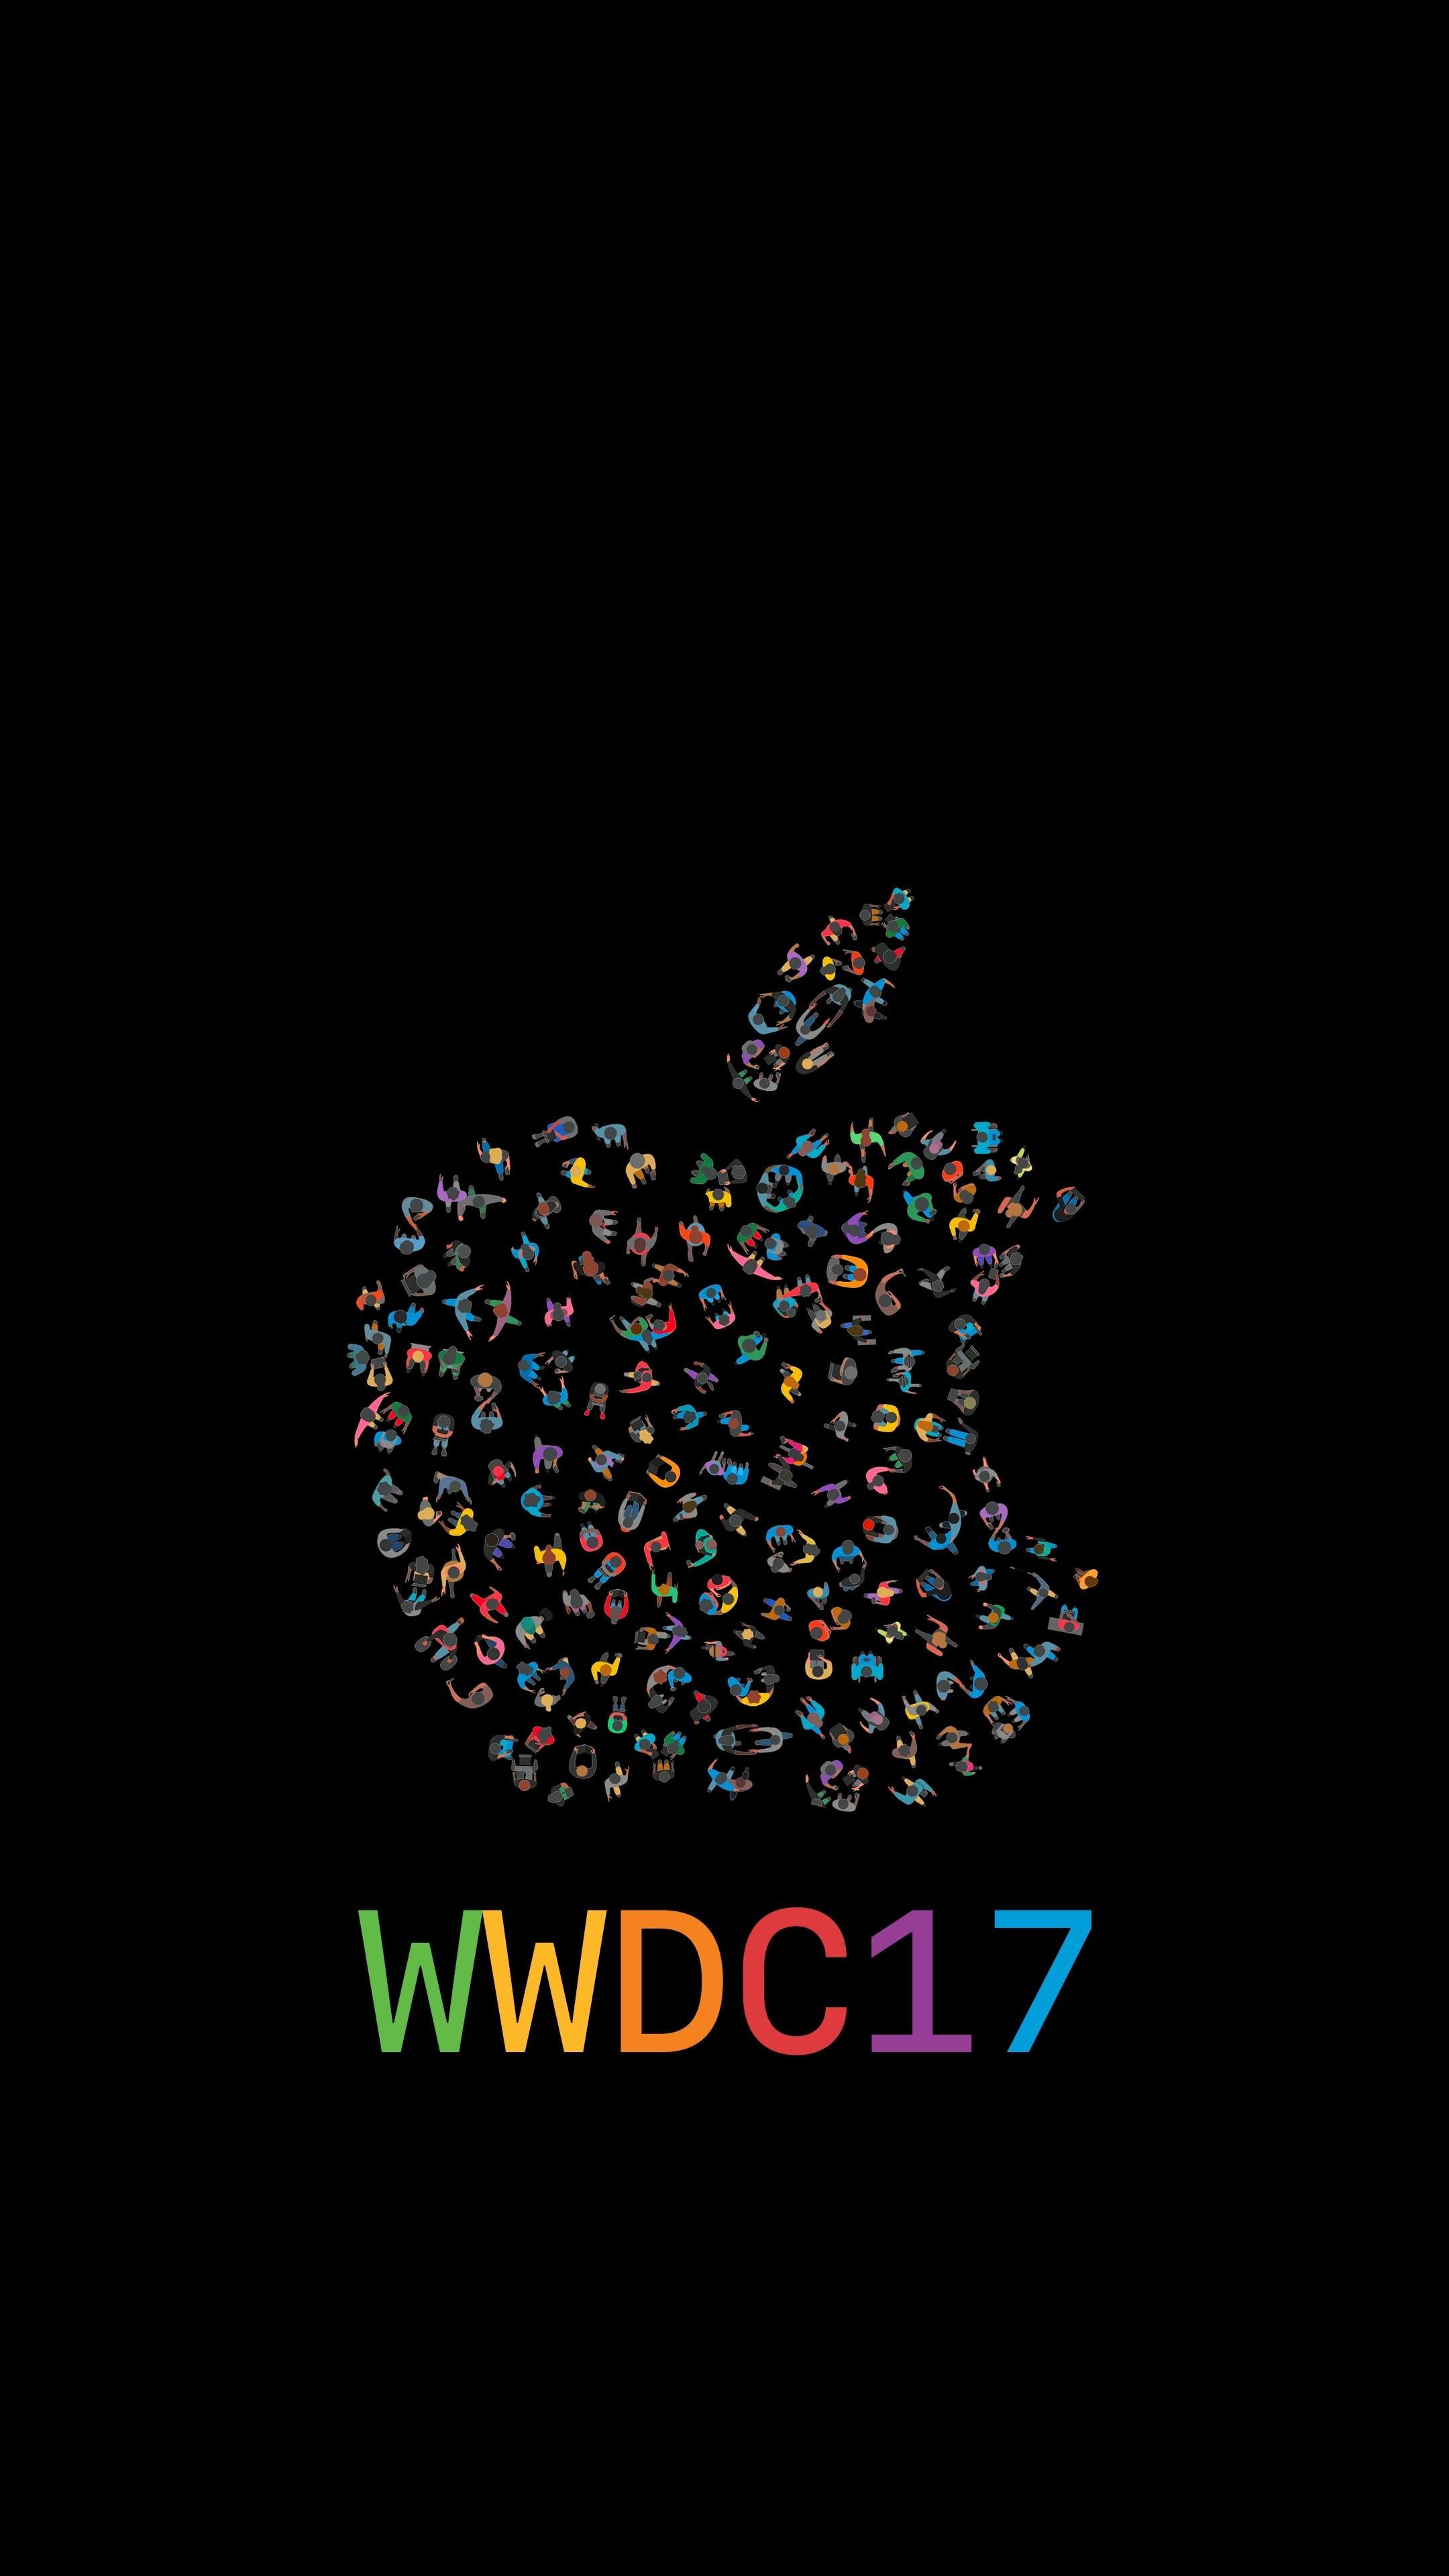 los fondos de pantalla del wwdc 2017